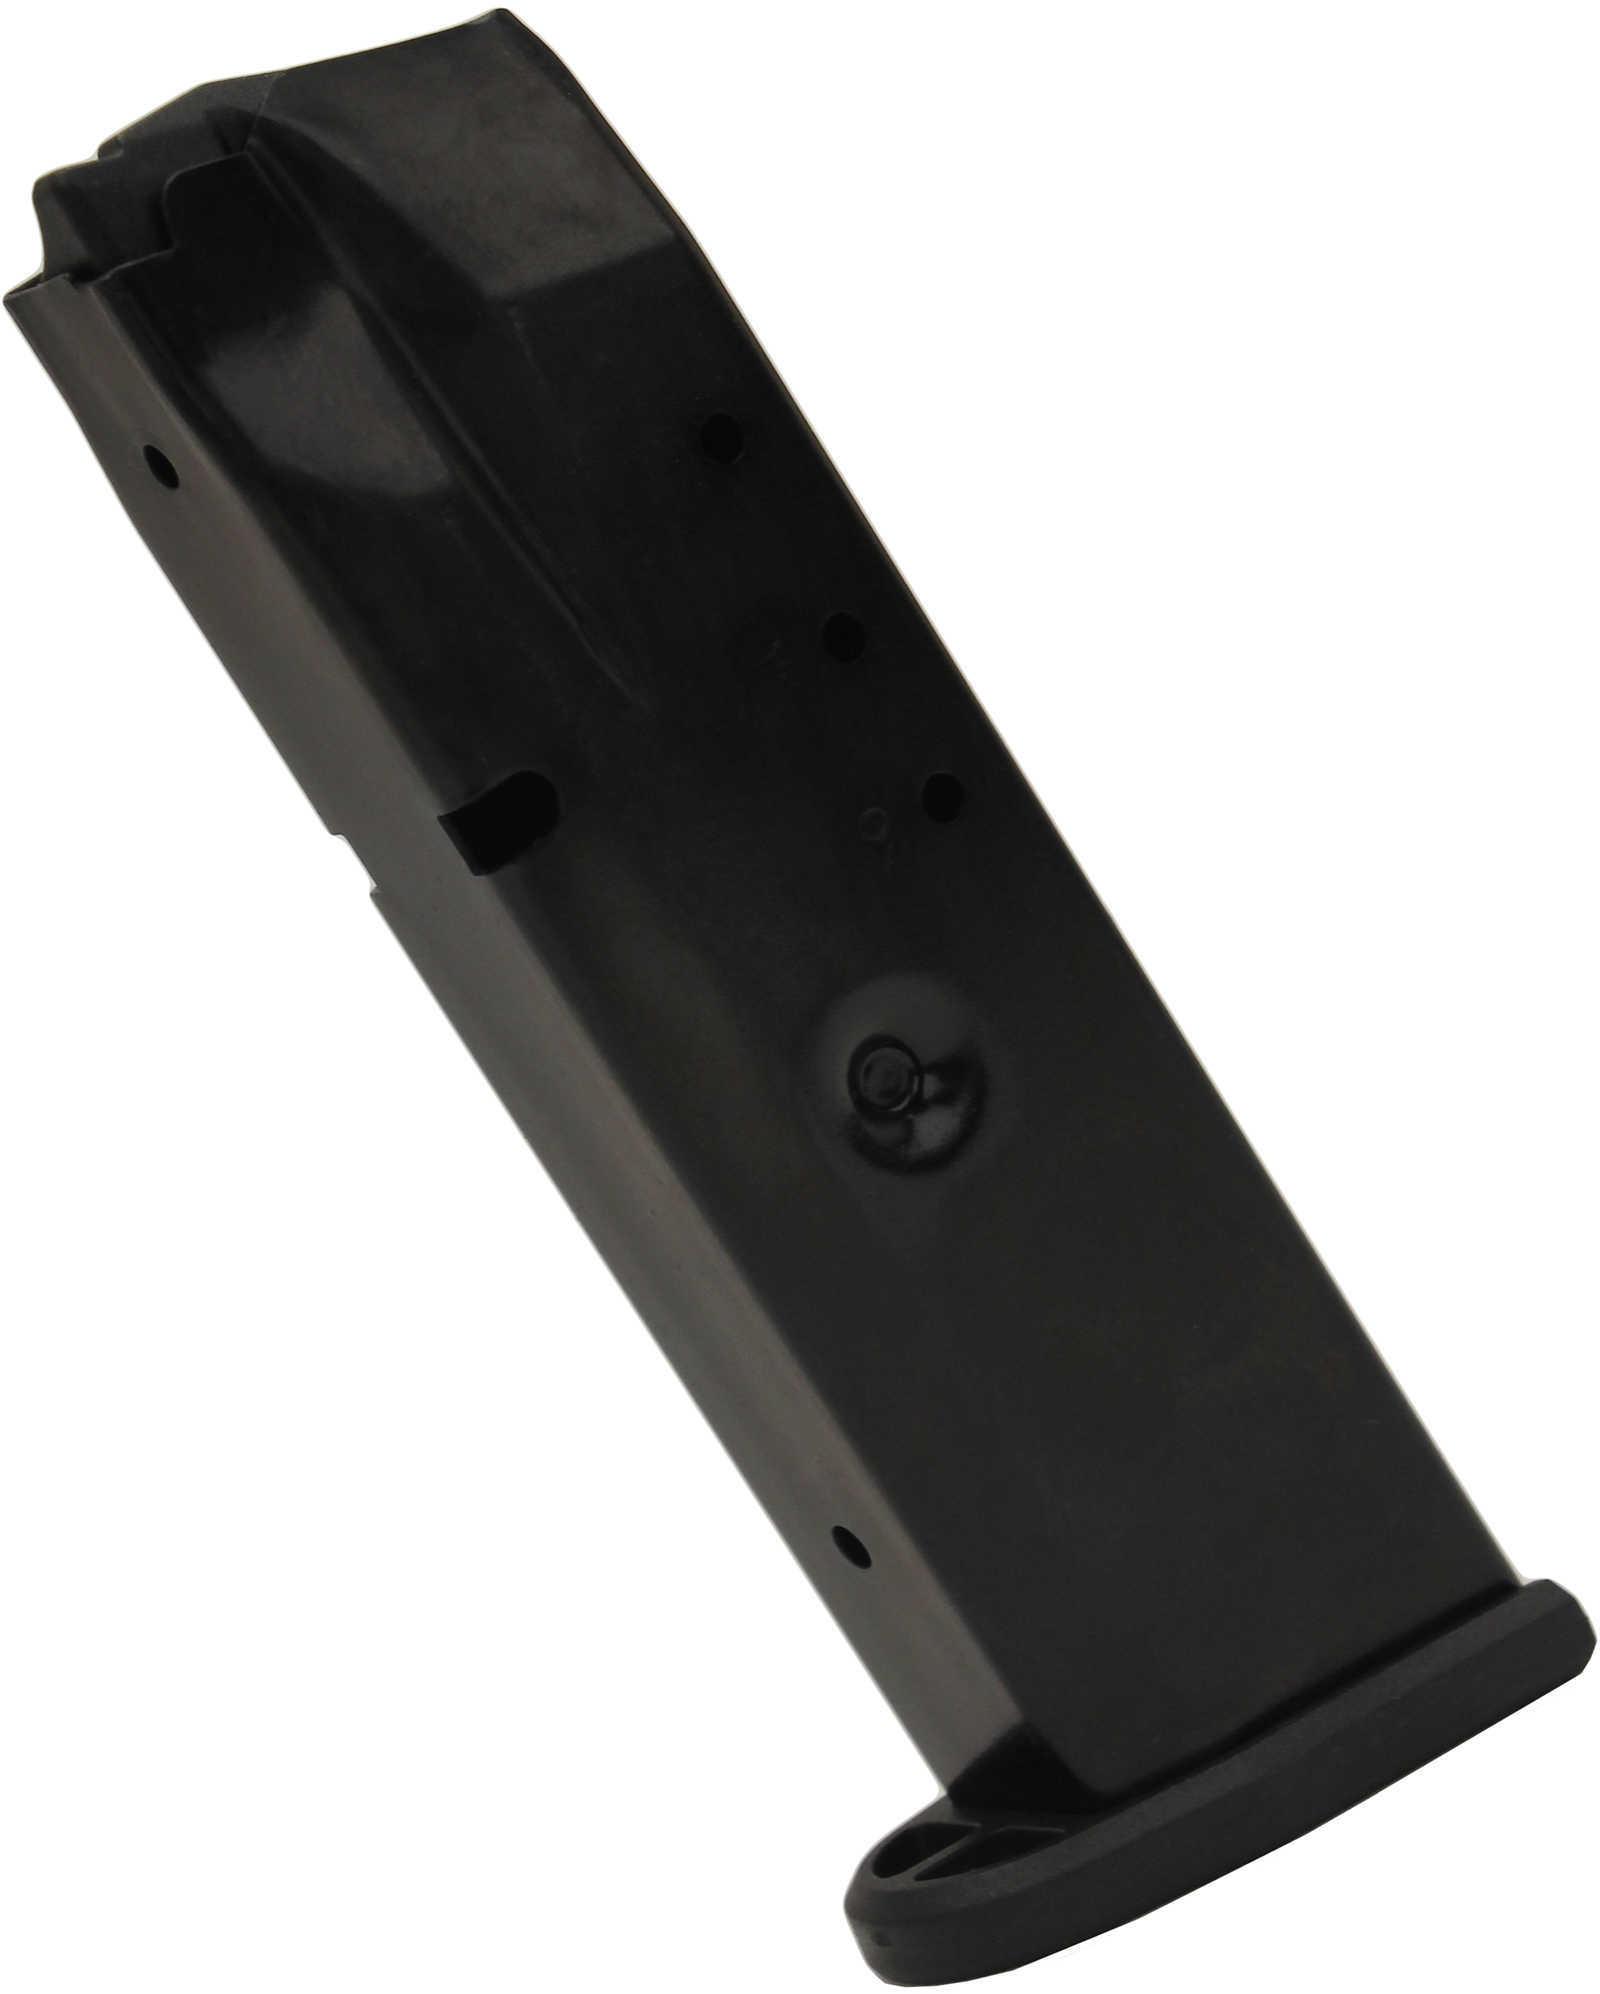 Smith &Wesson M&P- 40 .40 S&W, 10 Round Blue Steel Md: SMI 22